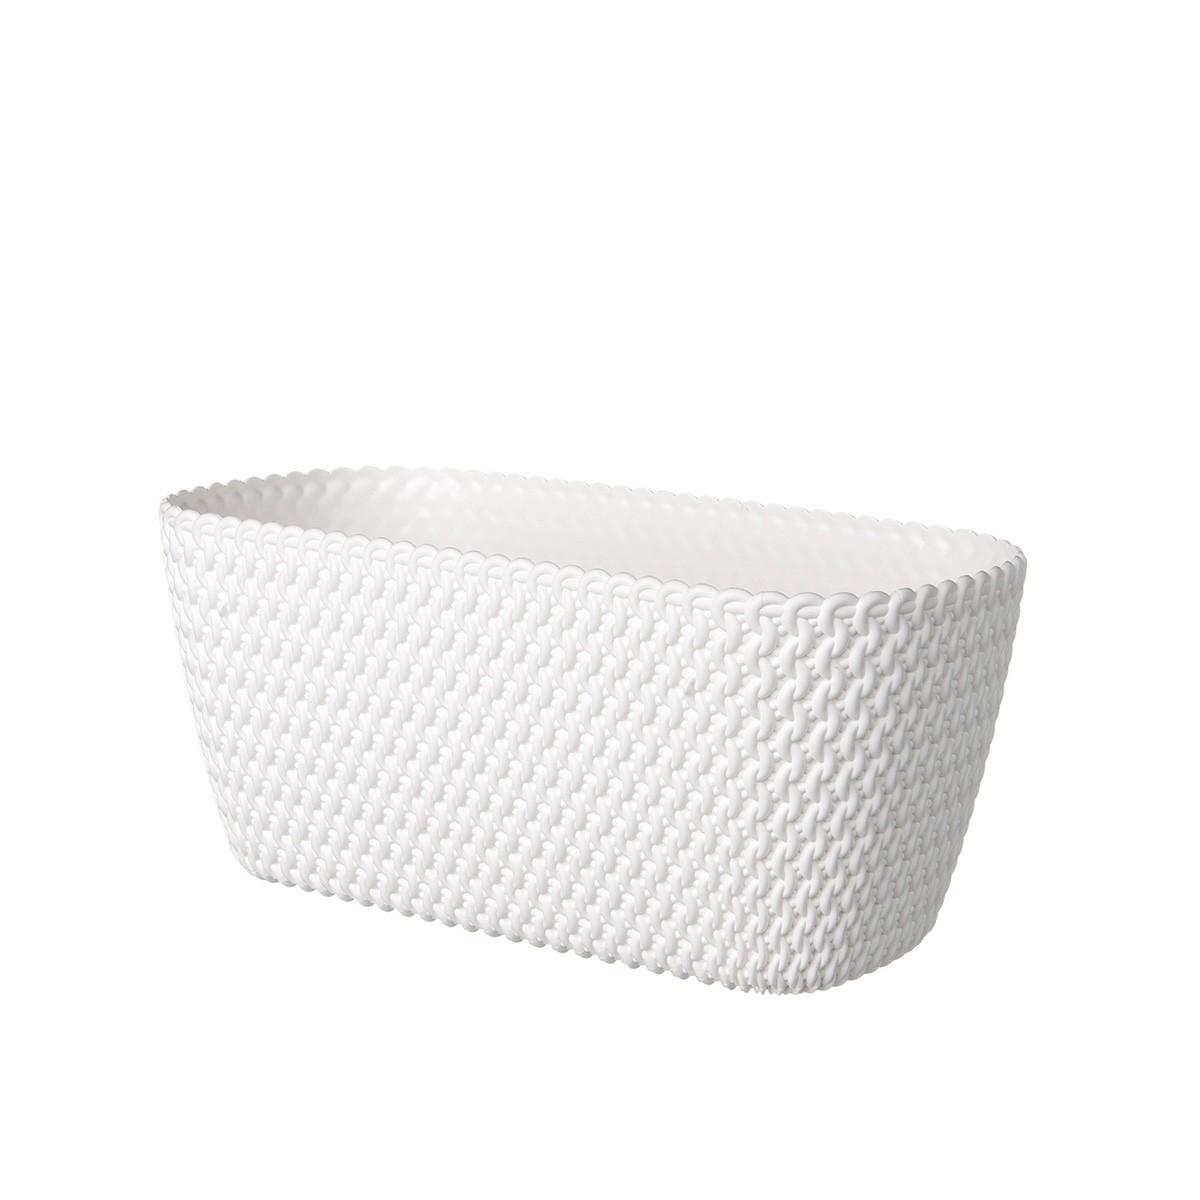 Coprivaso Rettangolare Splofy Bianco